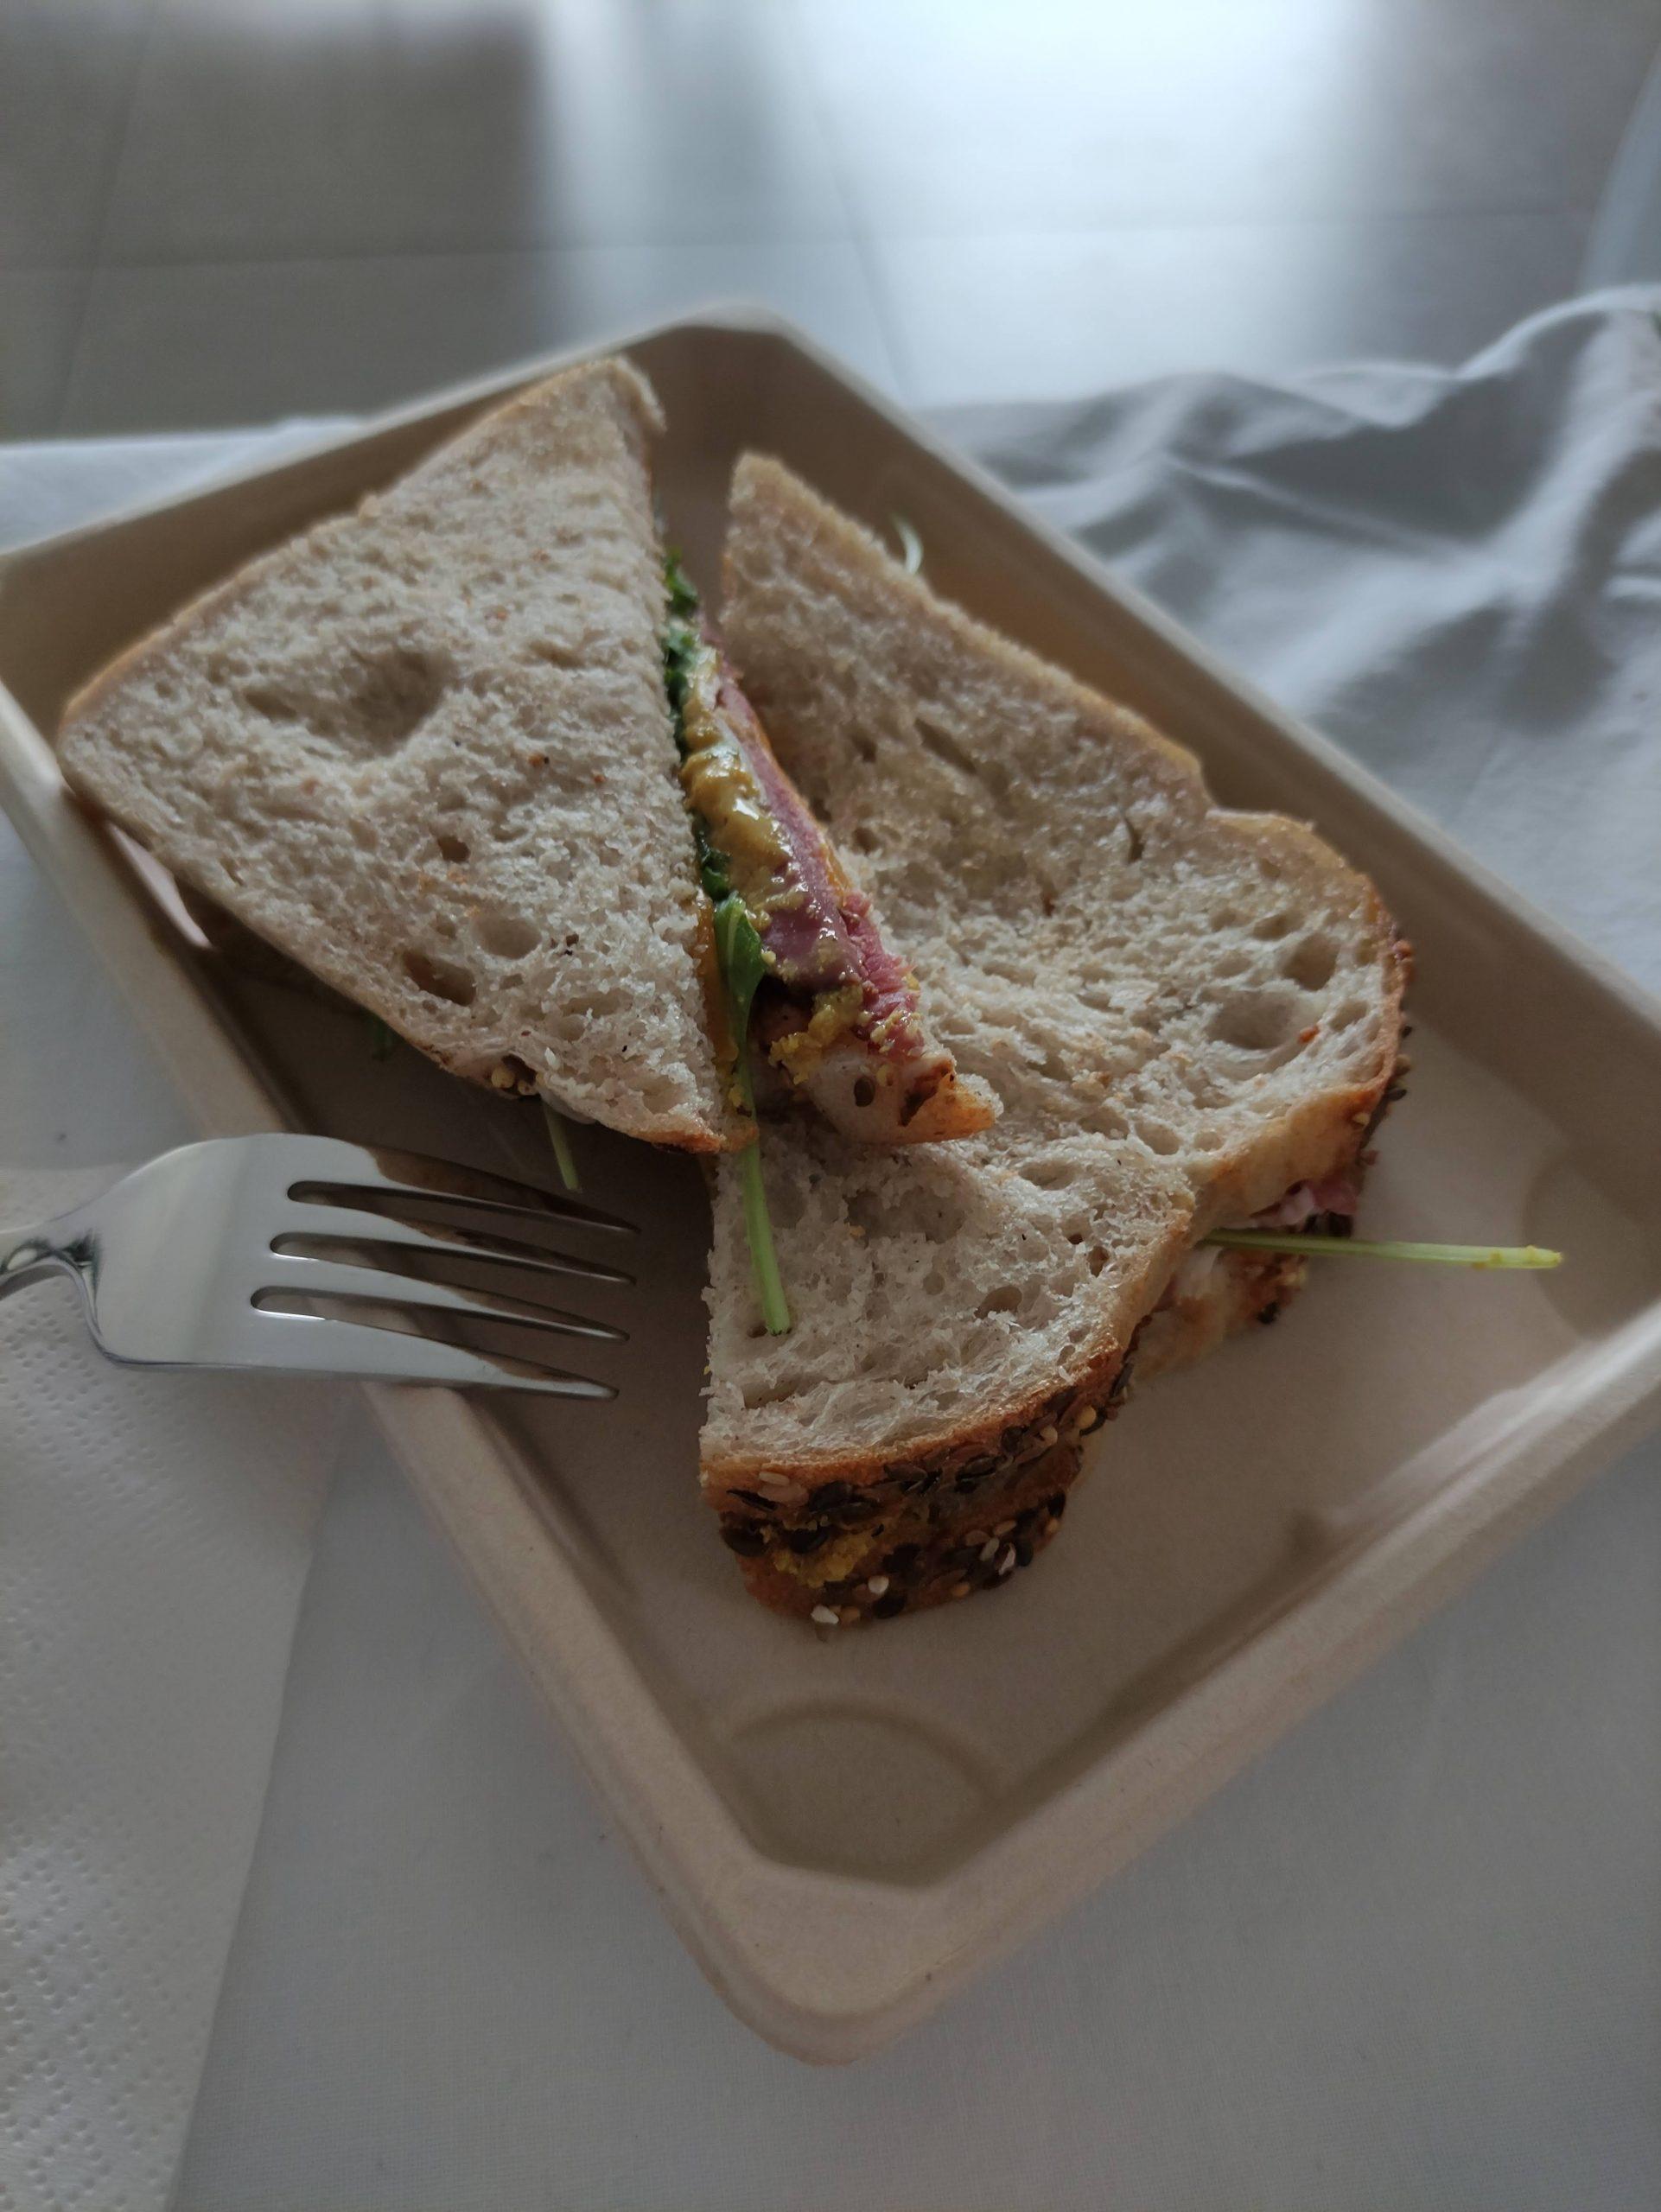 Reseña gastronómica: Brunch para llevar de Restaurante Muna de Ponferrada 10